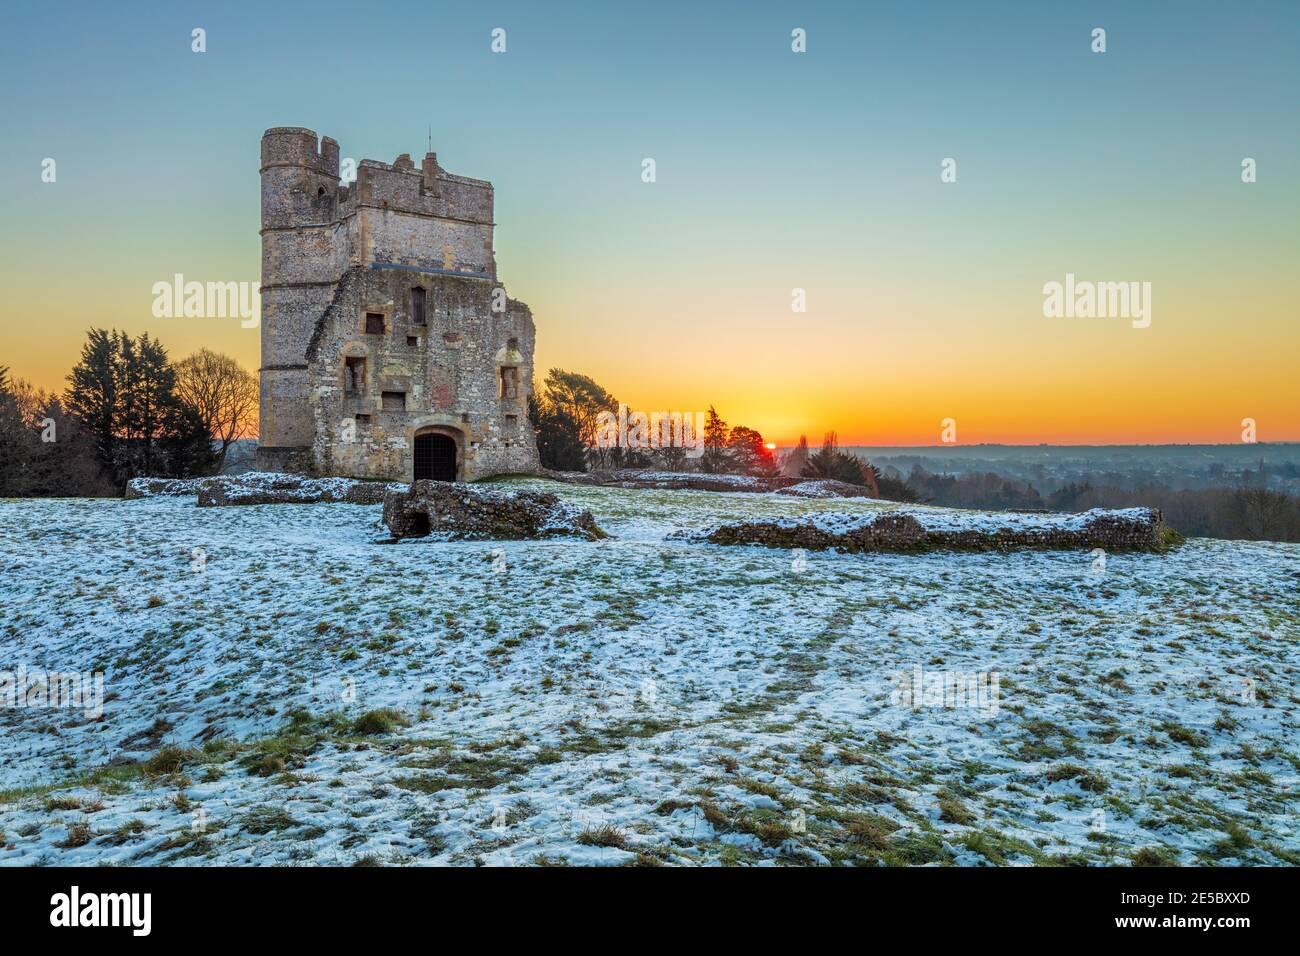 Château de Donnington en hiver gel et neige au lever du soleil, Newbury, Berkshire, Angleterre, Royaume-Uni, Europe Banque D'Images